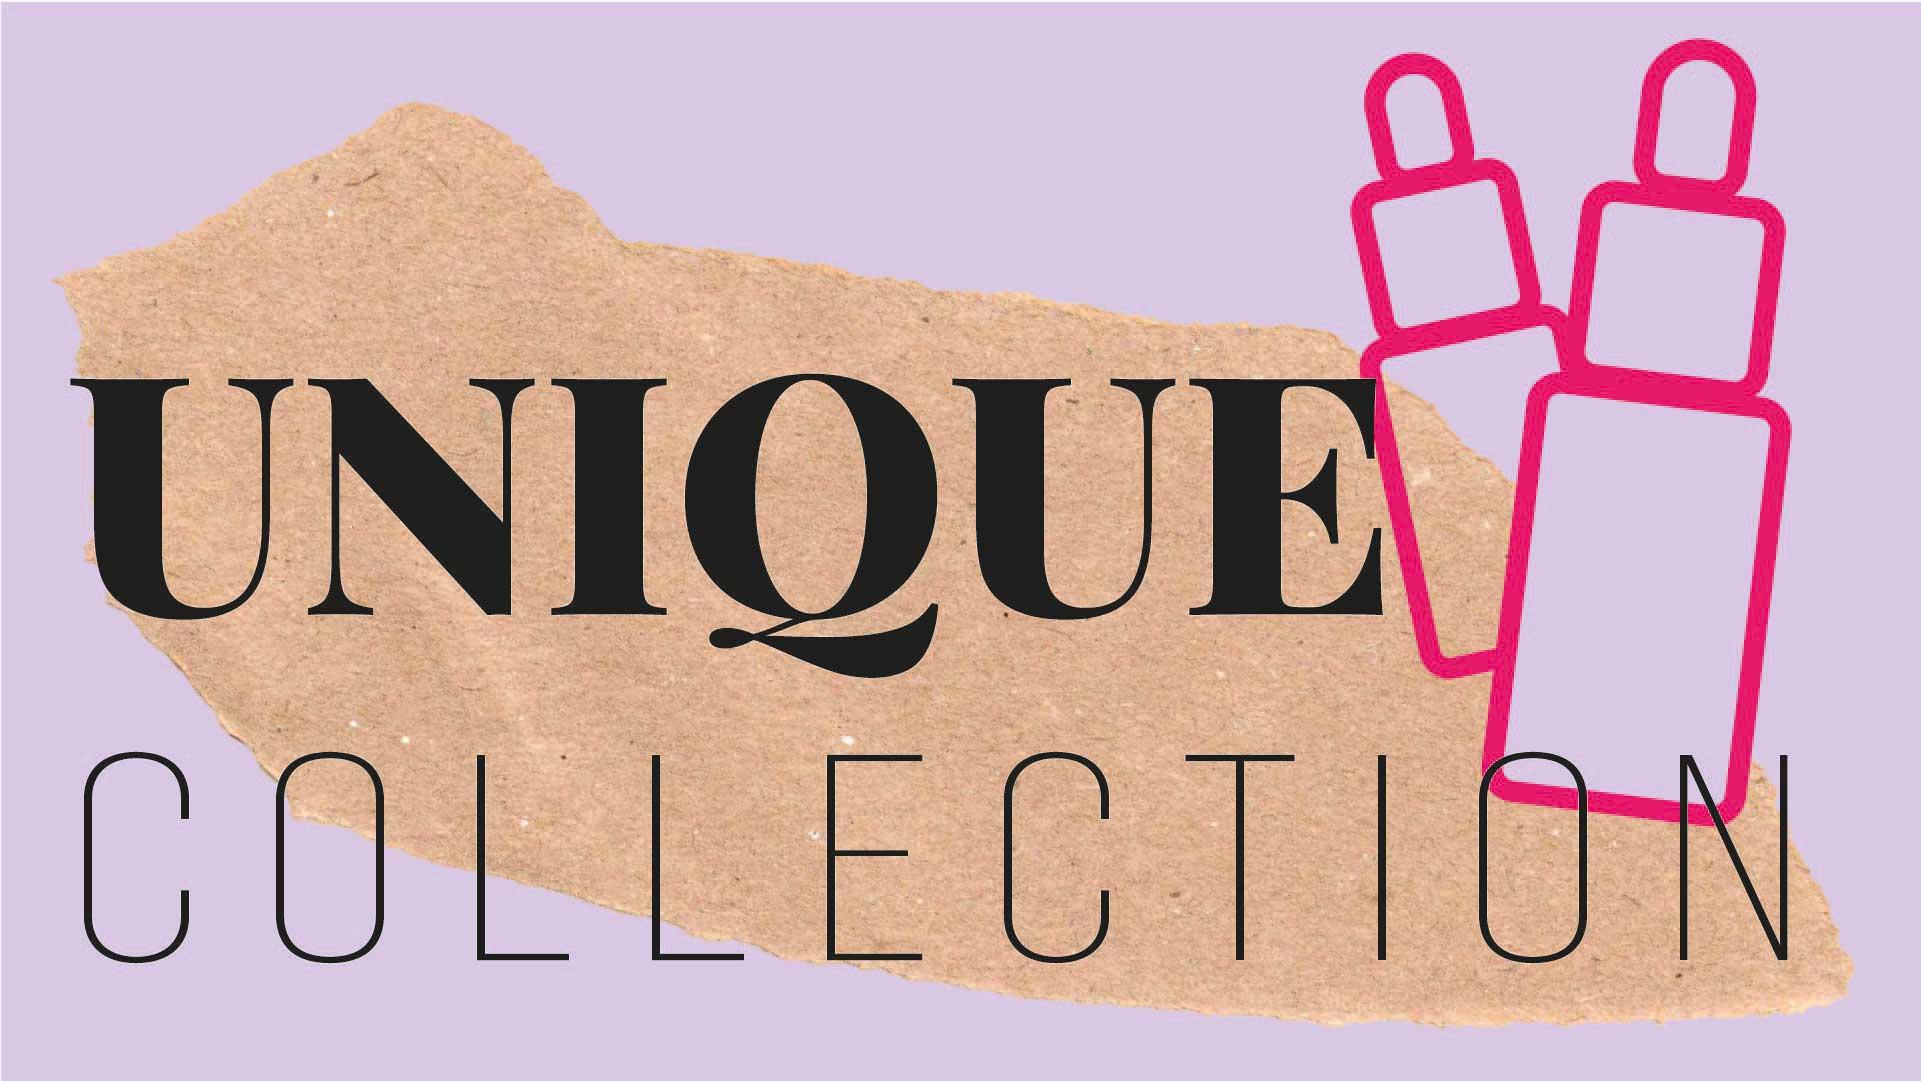 Information zu den Inhaltsstoffen unserer Sanaleo Unique Collection